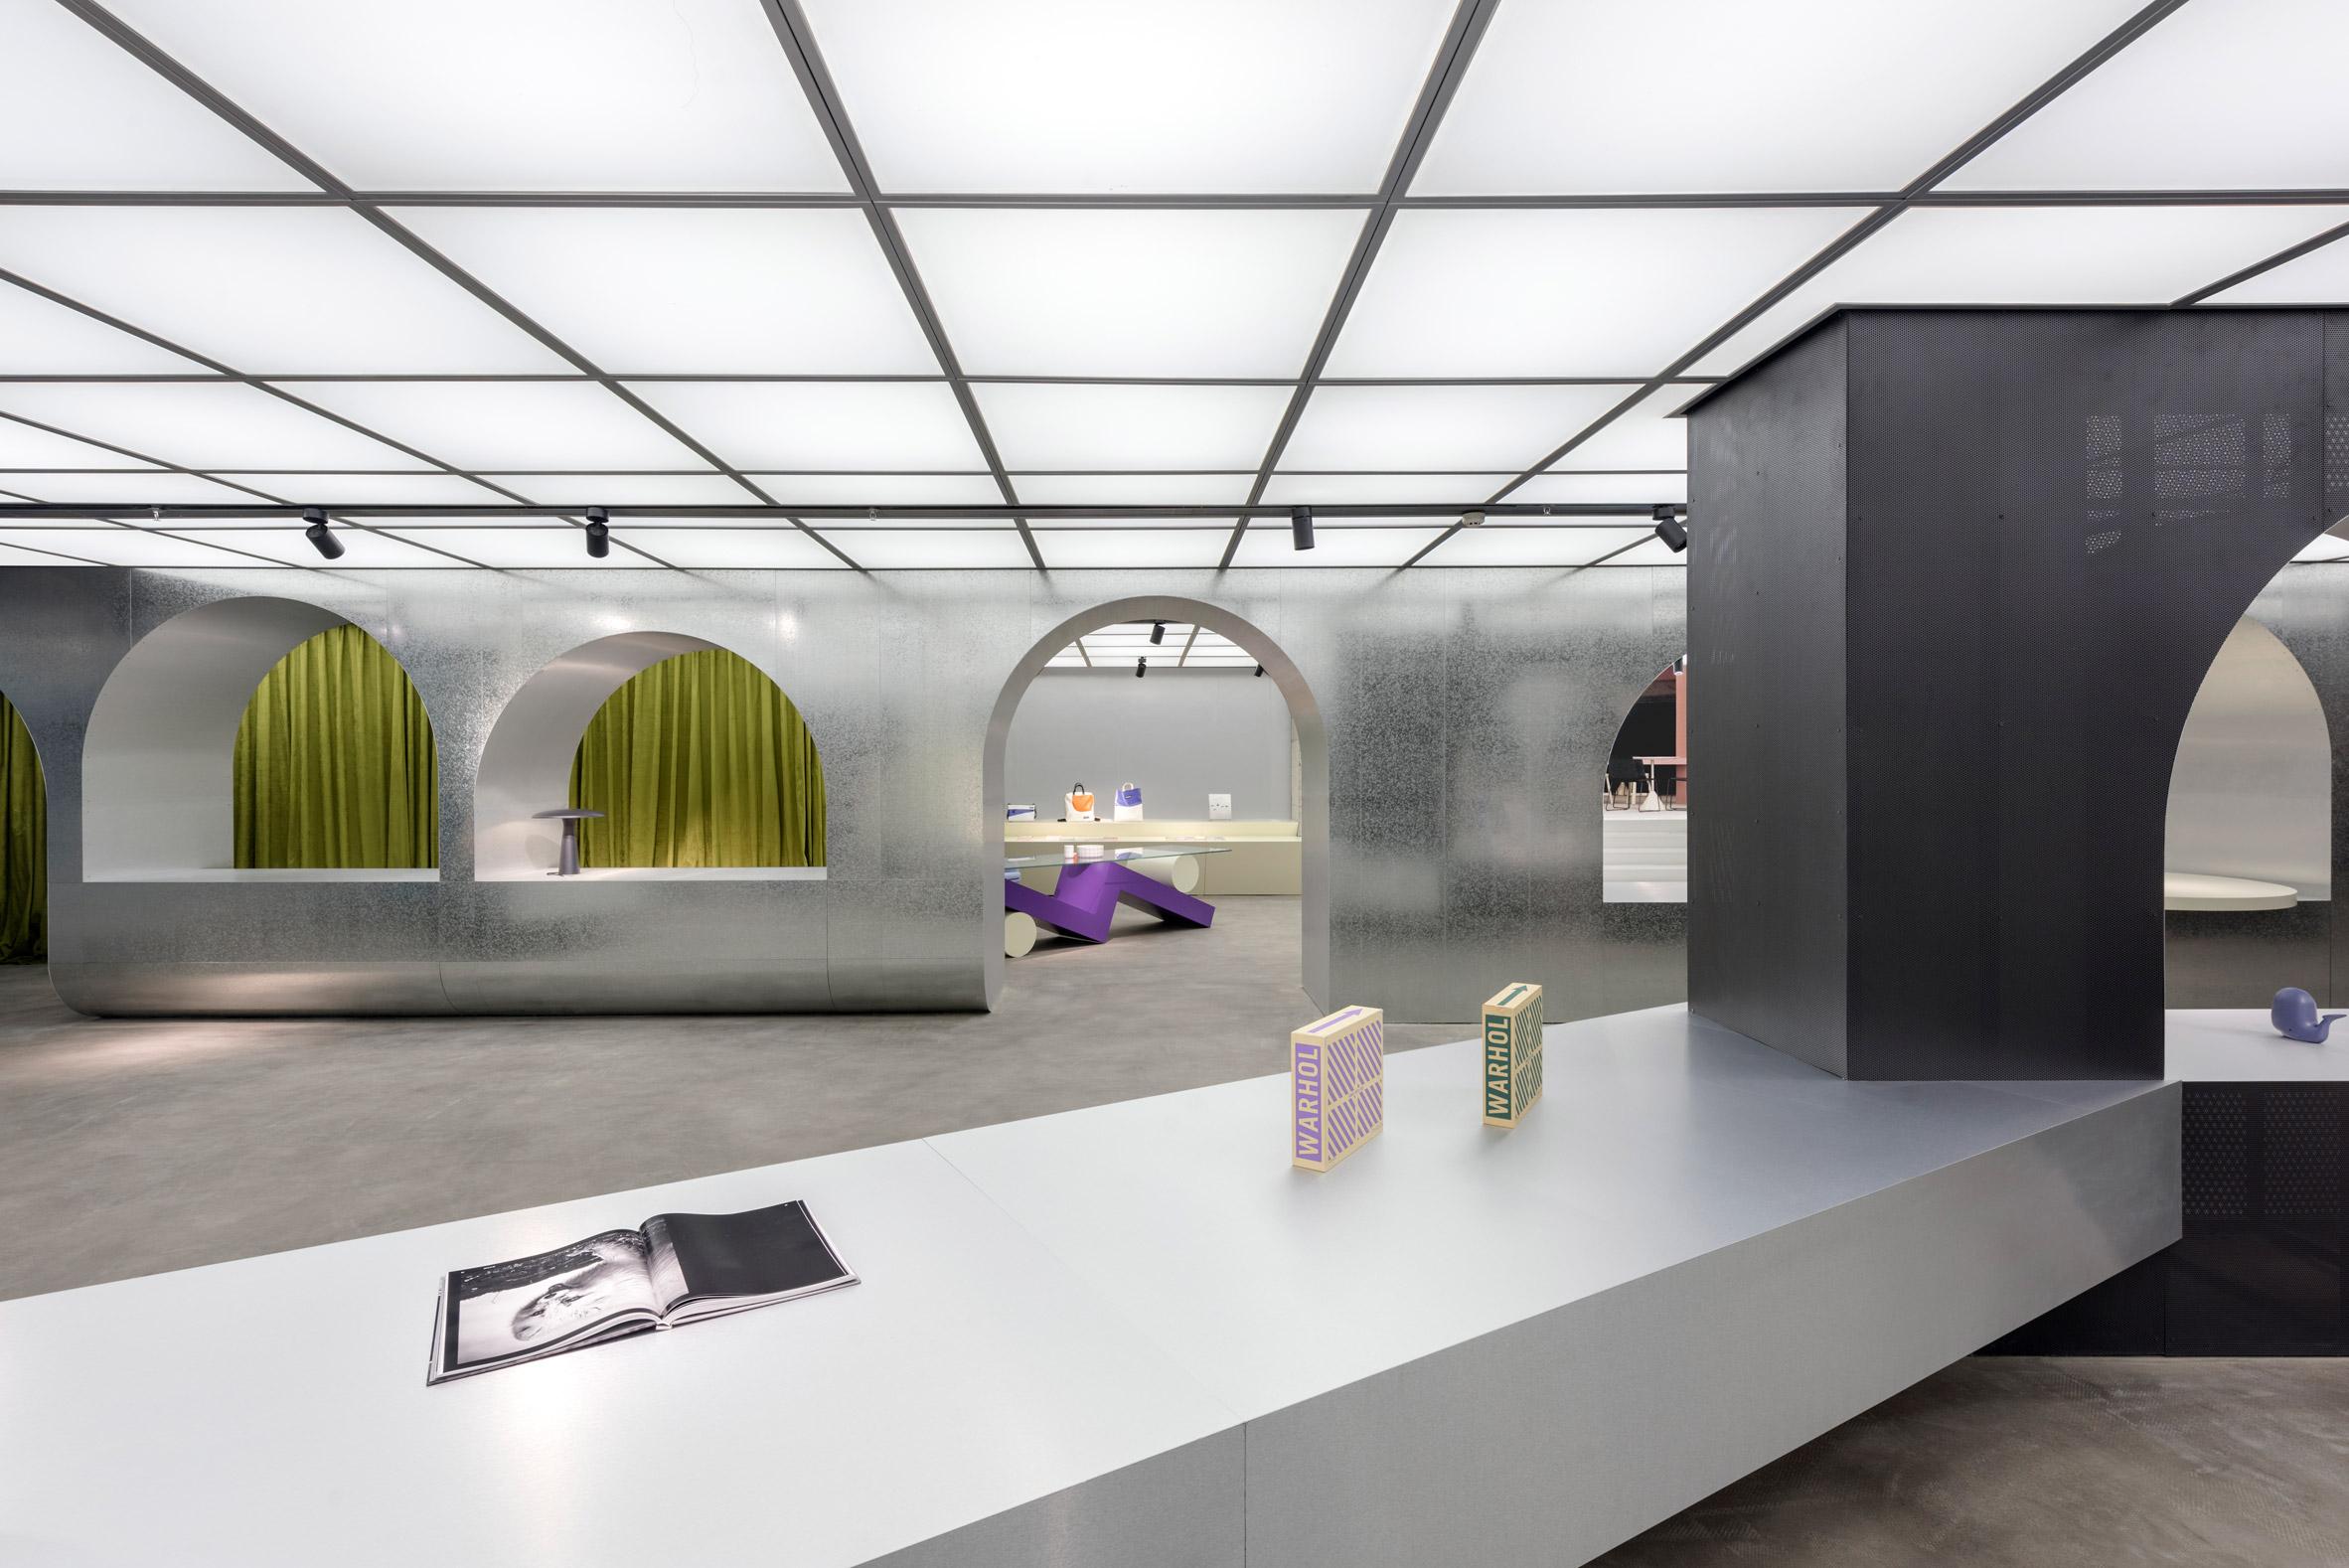 harbook-store-alberto-caiola-interiors-retail-china-hangzhou_dezainaa_2.jpg